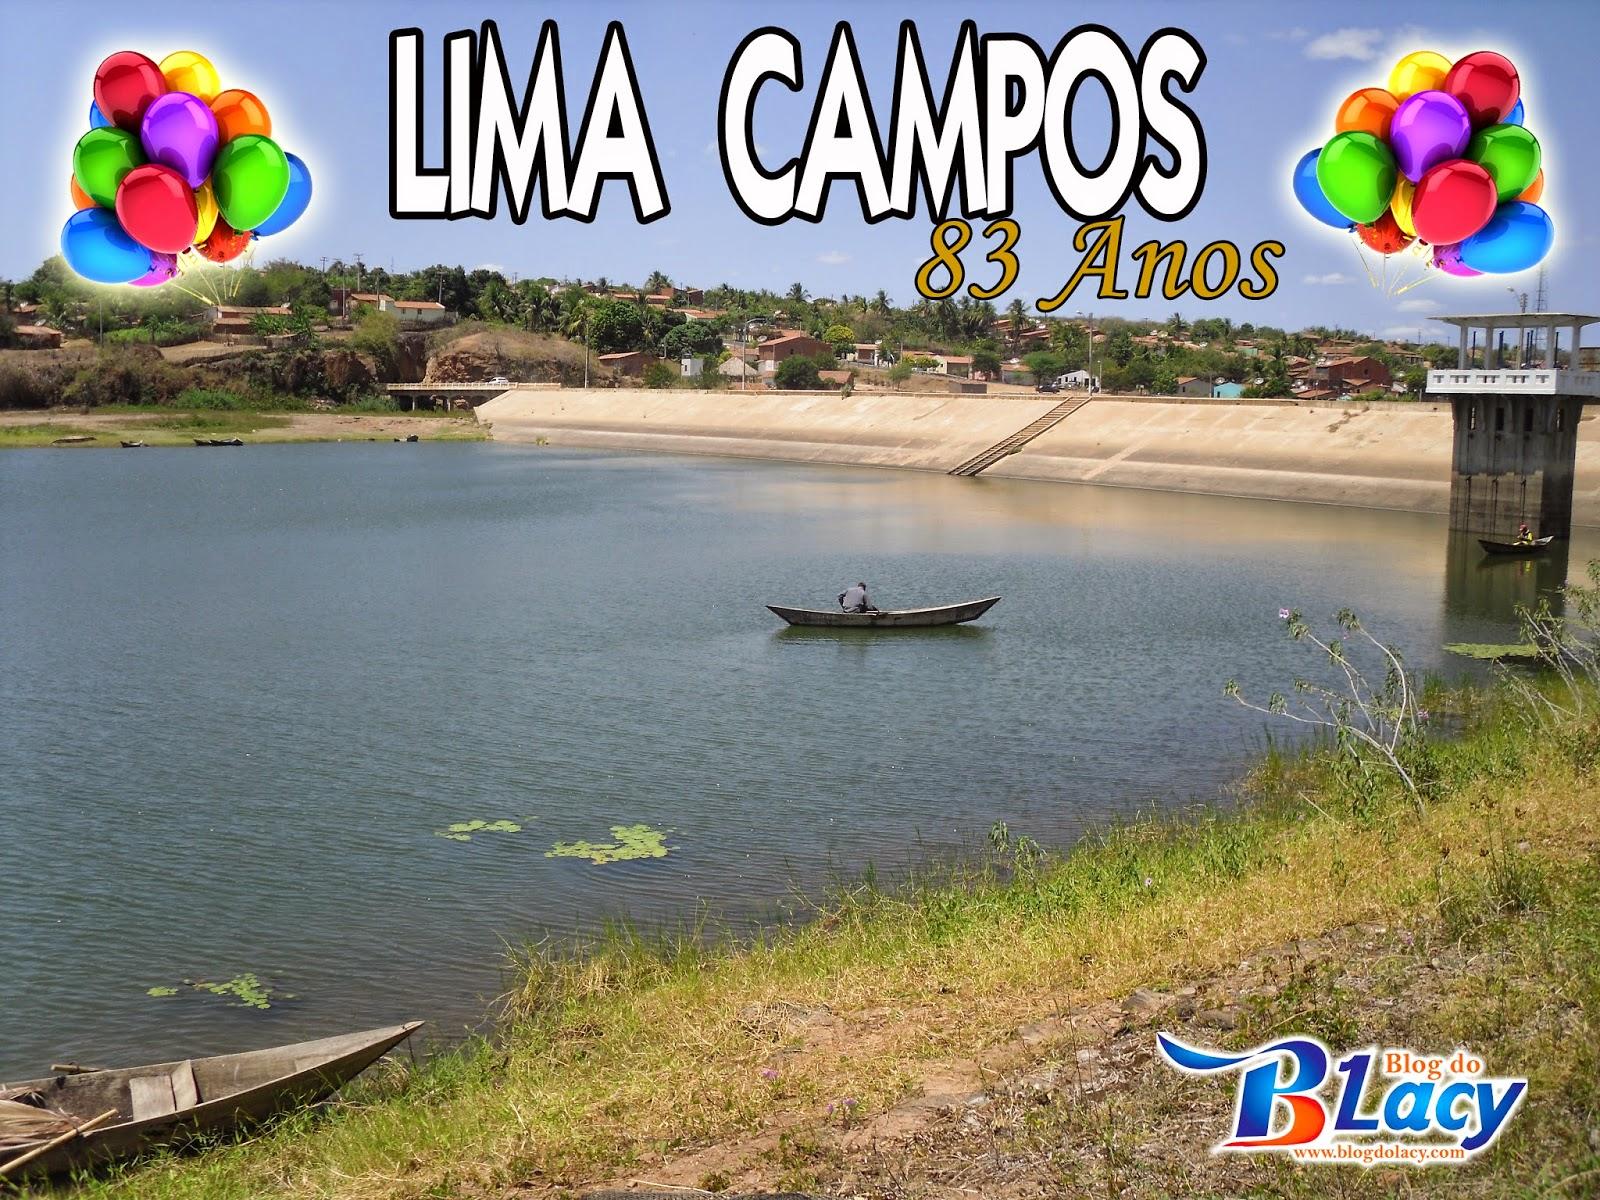 PARABÉNS, LIMA CAMPOS!!!